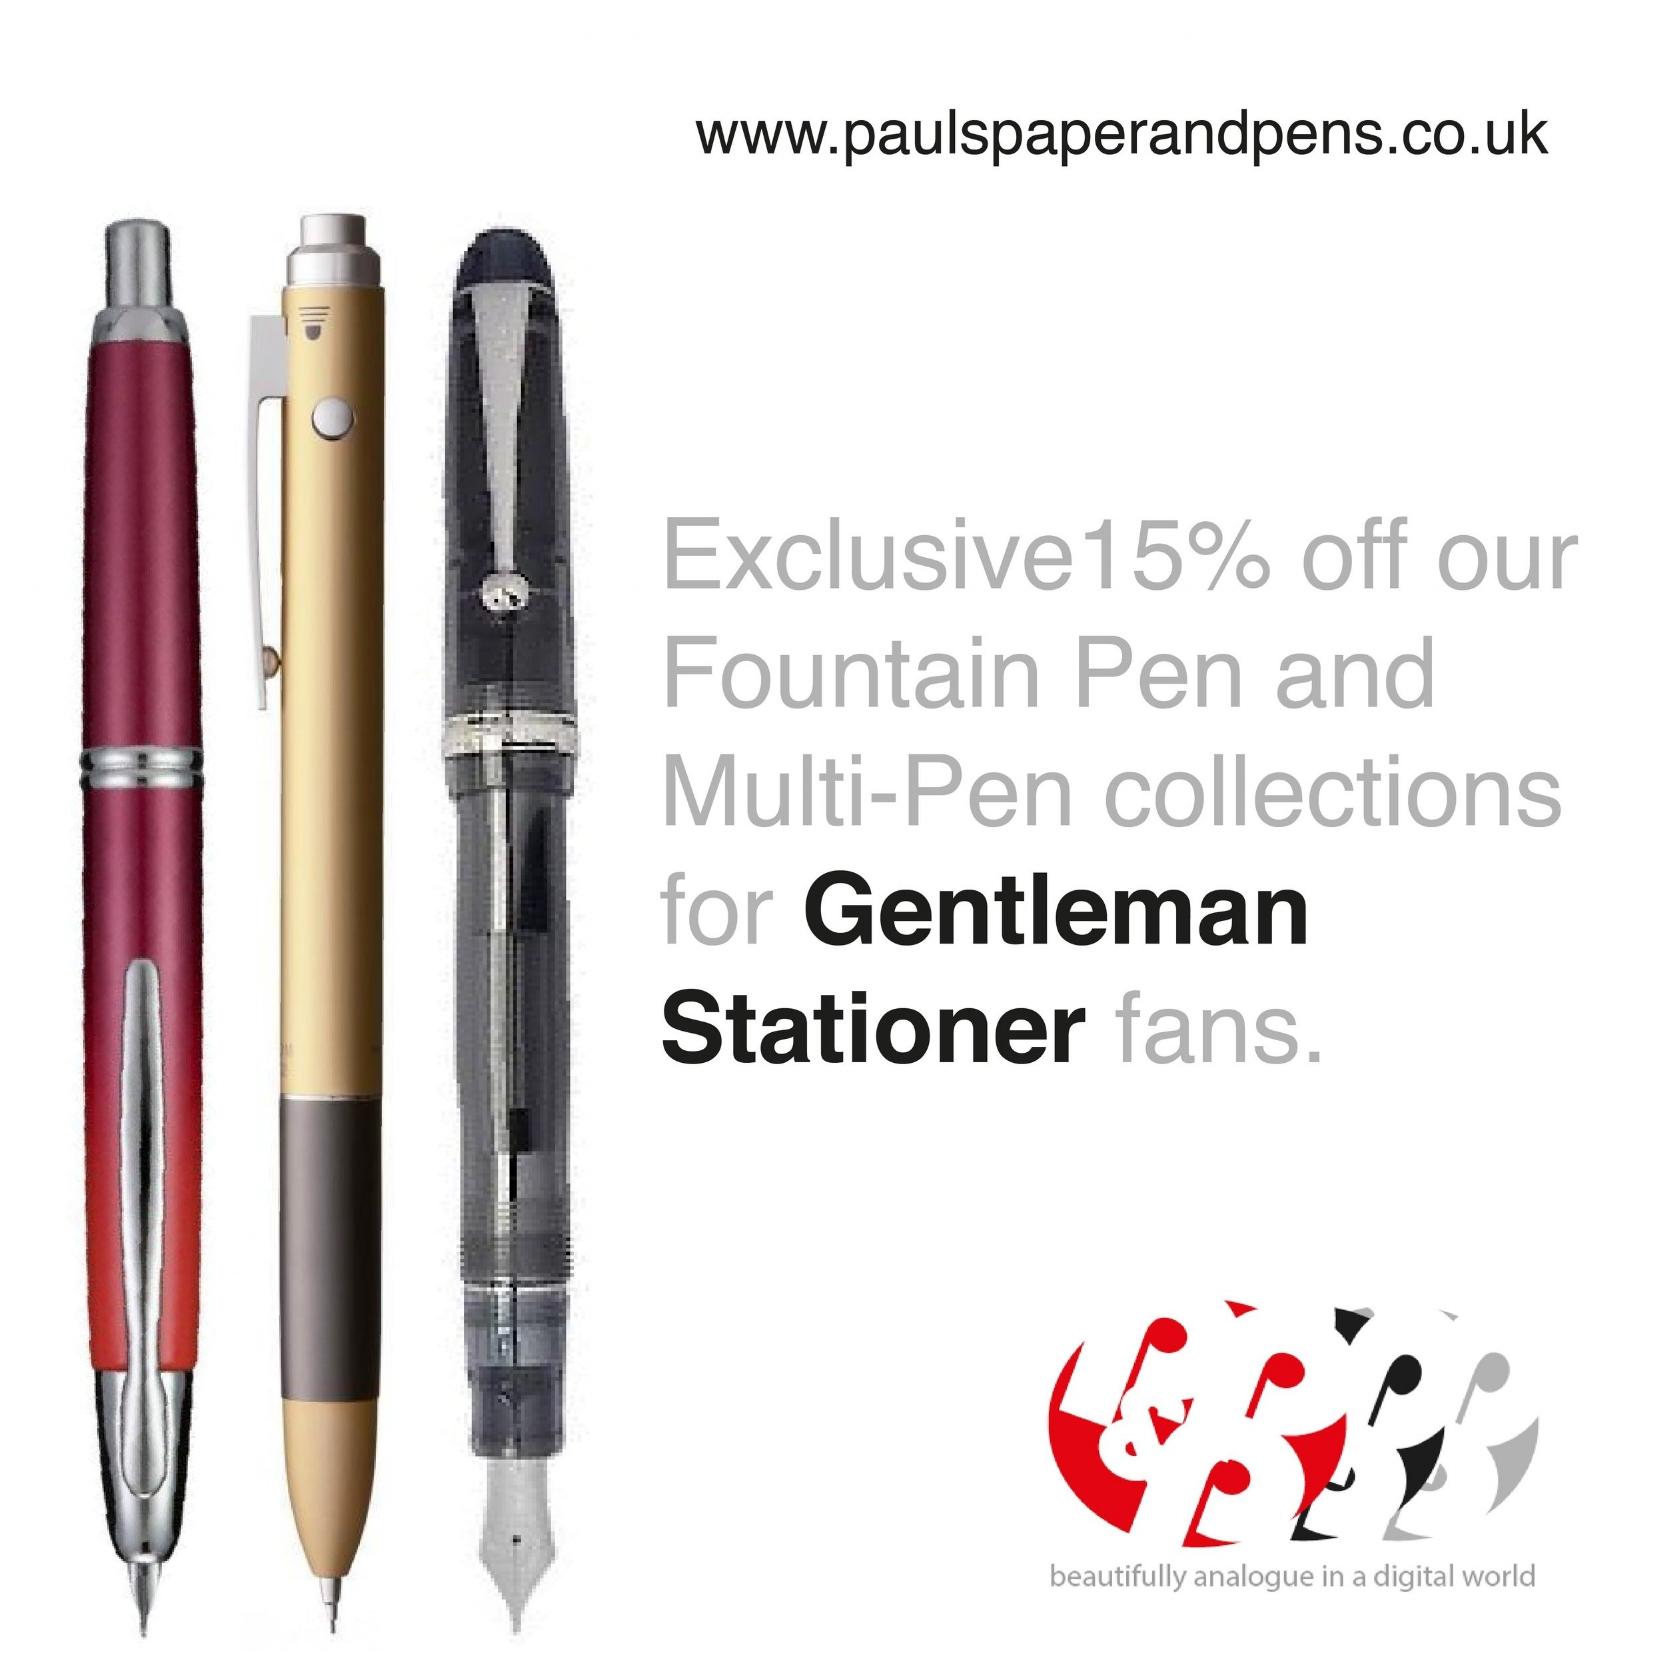 Pauls-Paper-Pens-TGS-Promotion